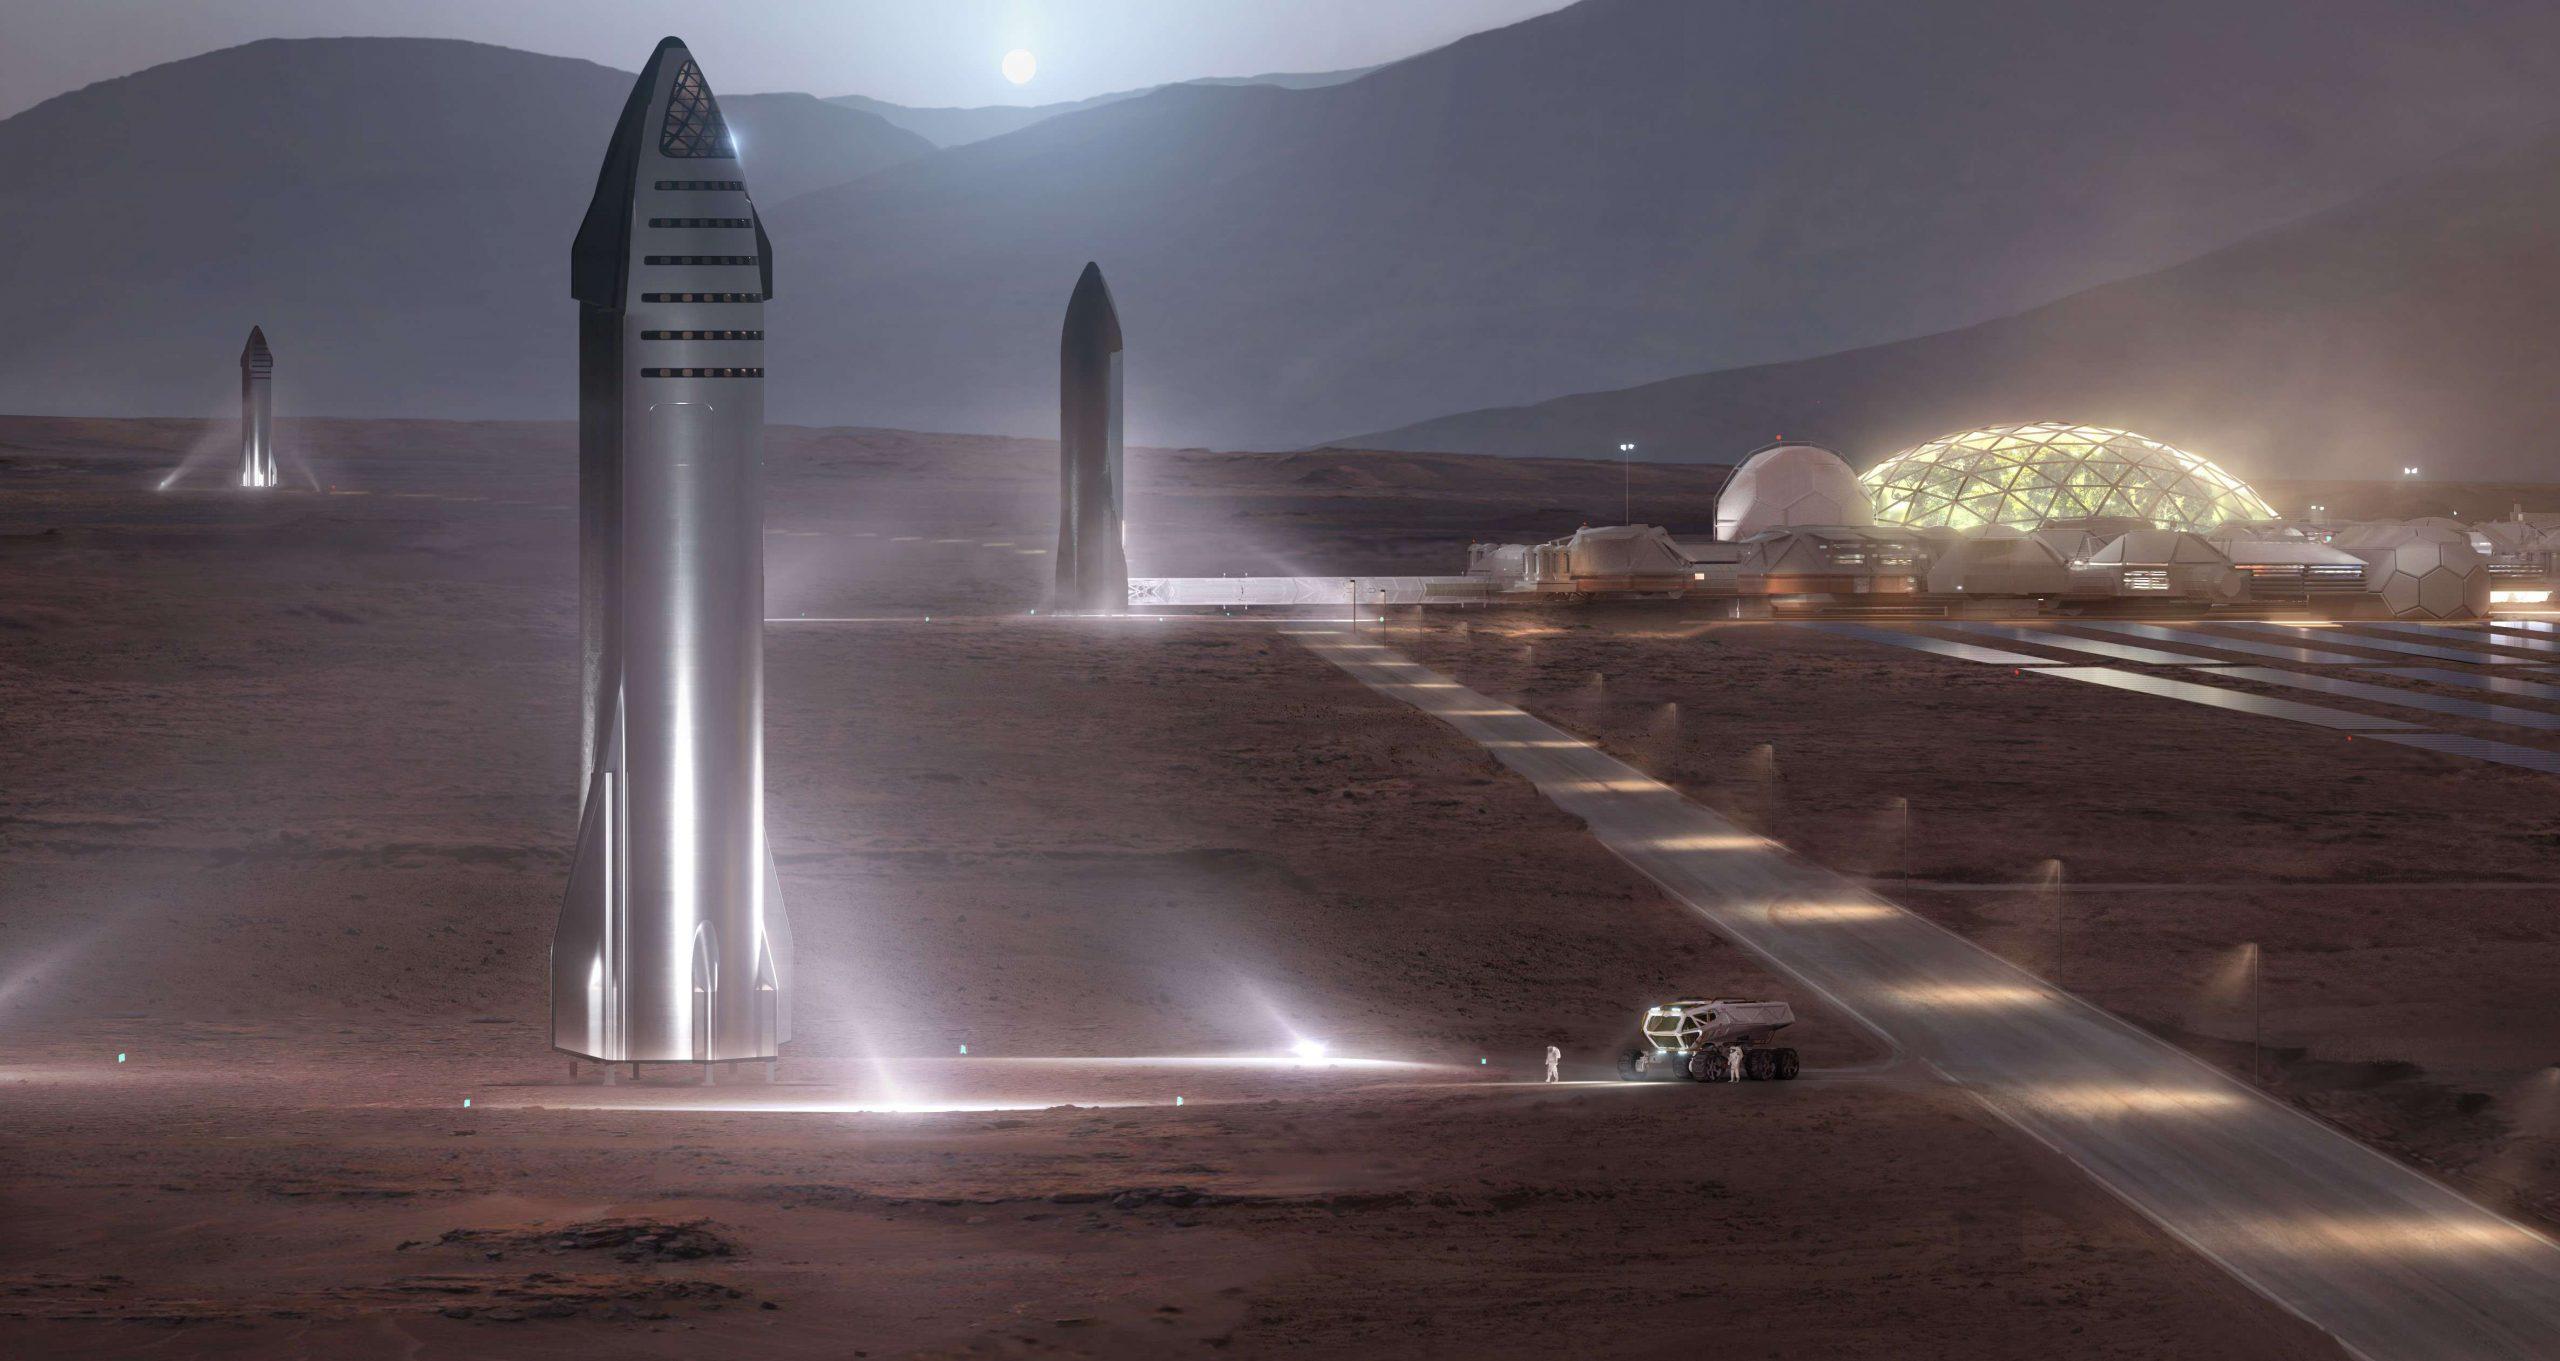 SPACE X INCREMENTA LA PRODUCCION DE LA STARSHIP PARA IR A MARTE